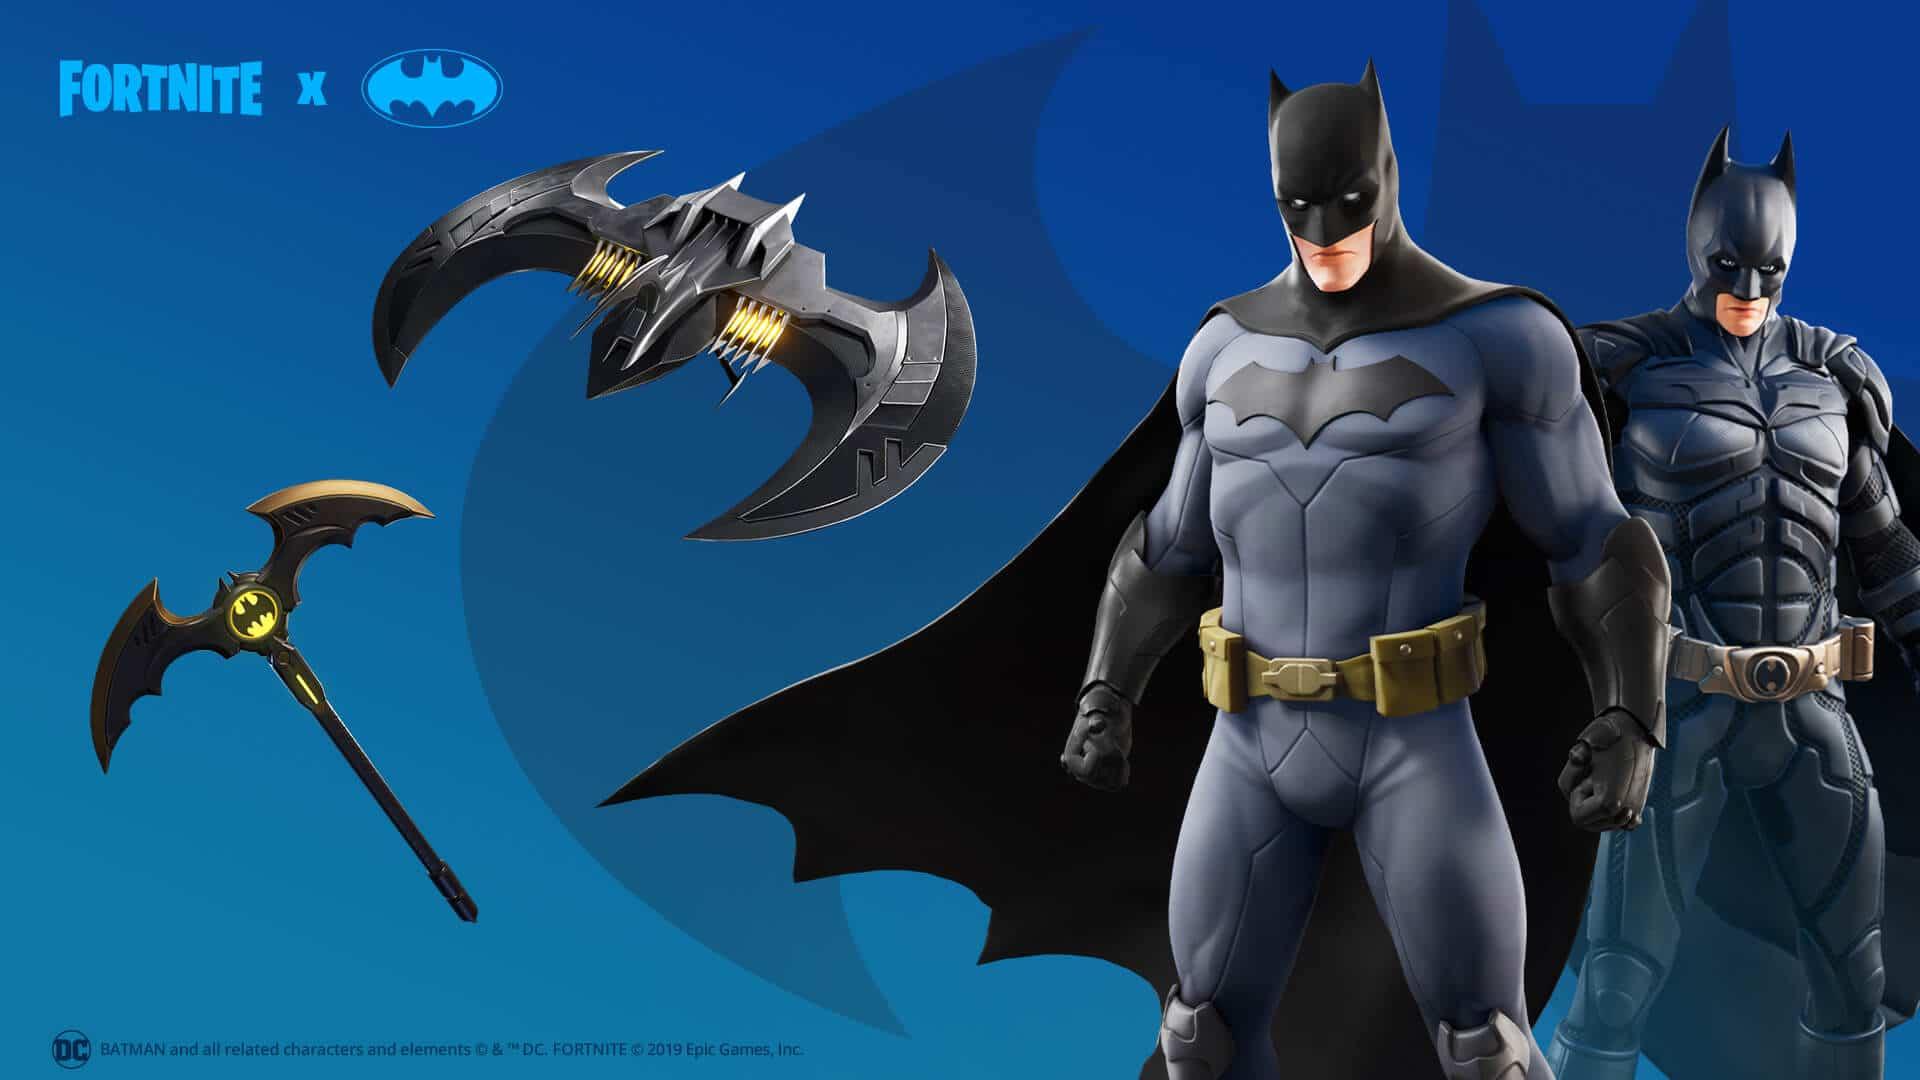 Fortnite + Batman: começa evento crossover em Fortnite 1